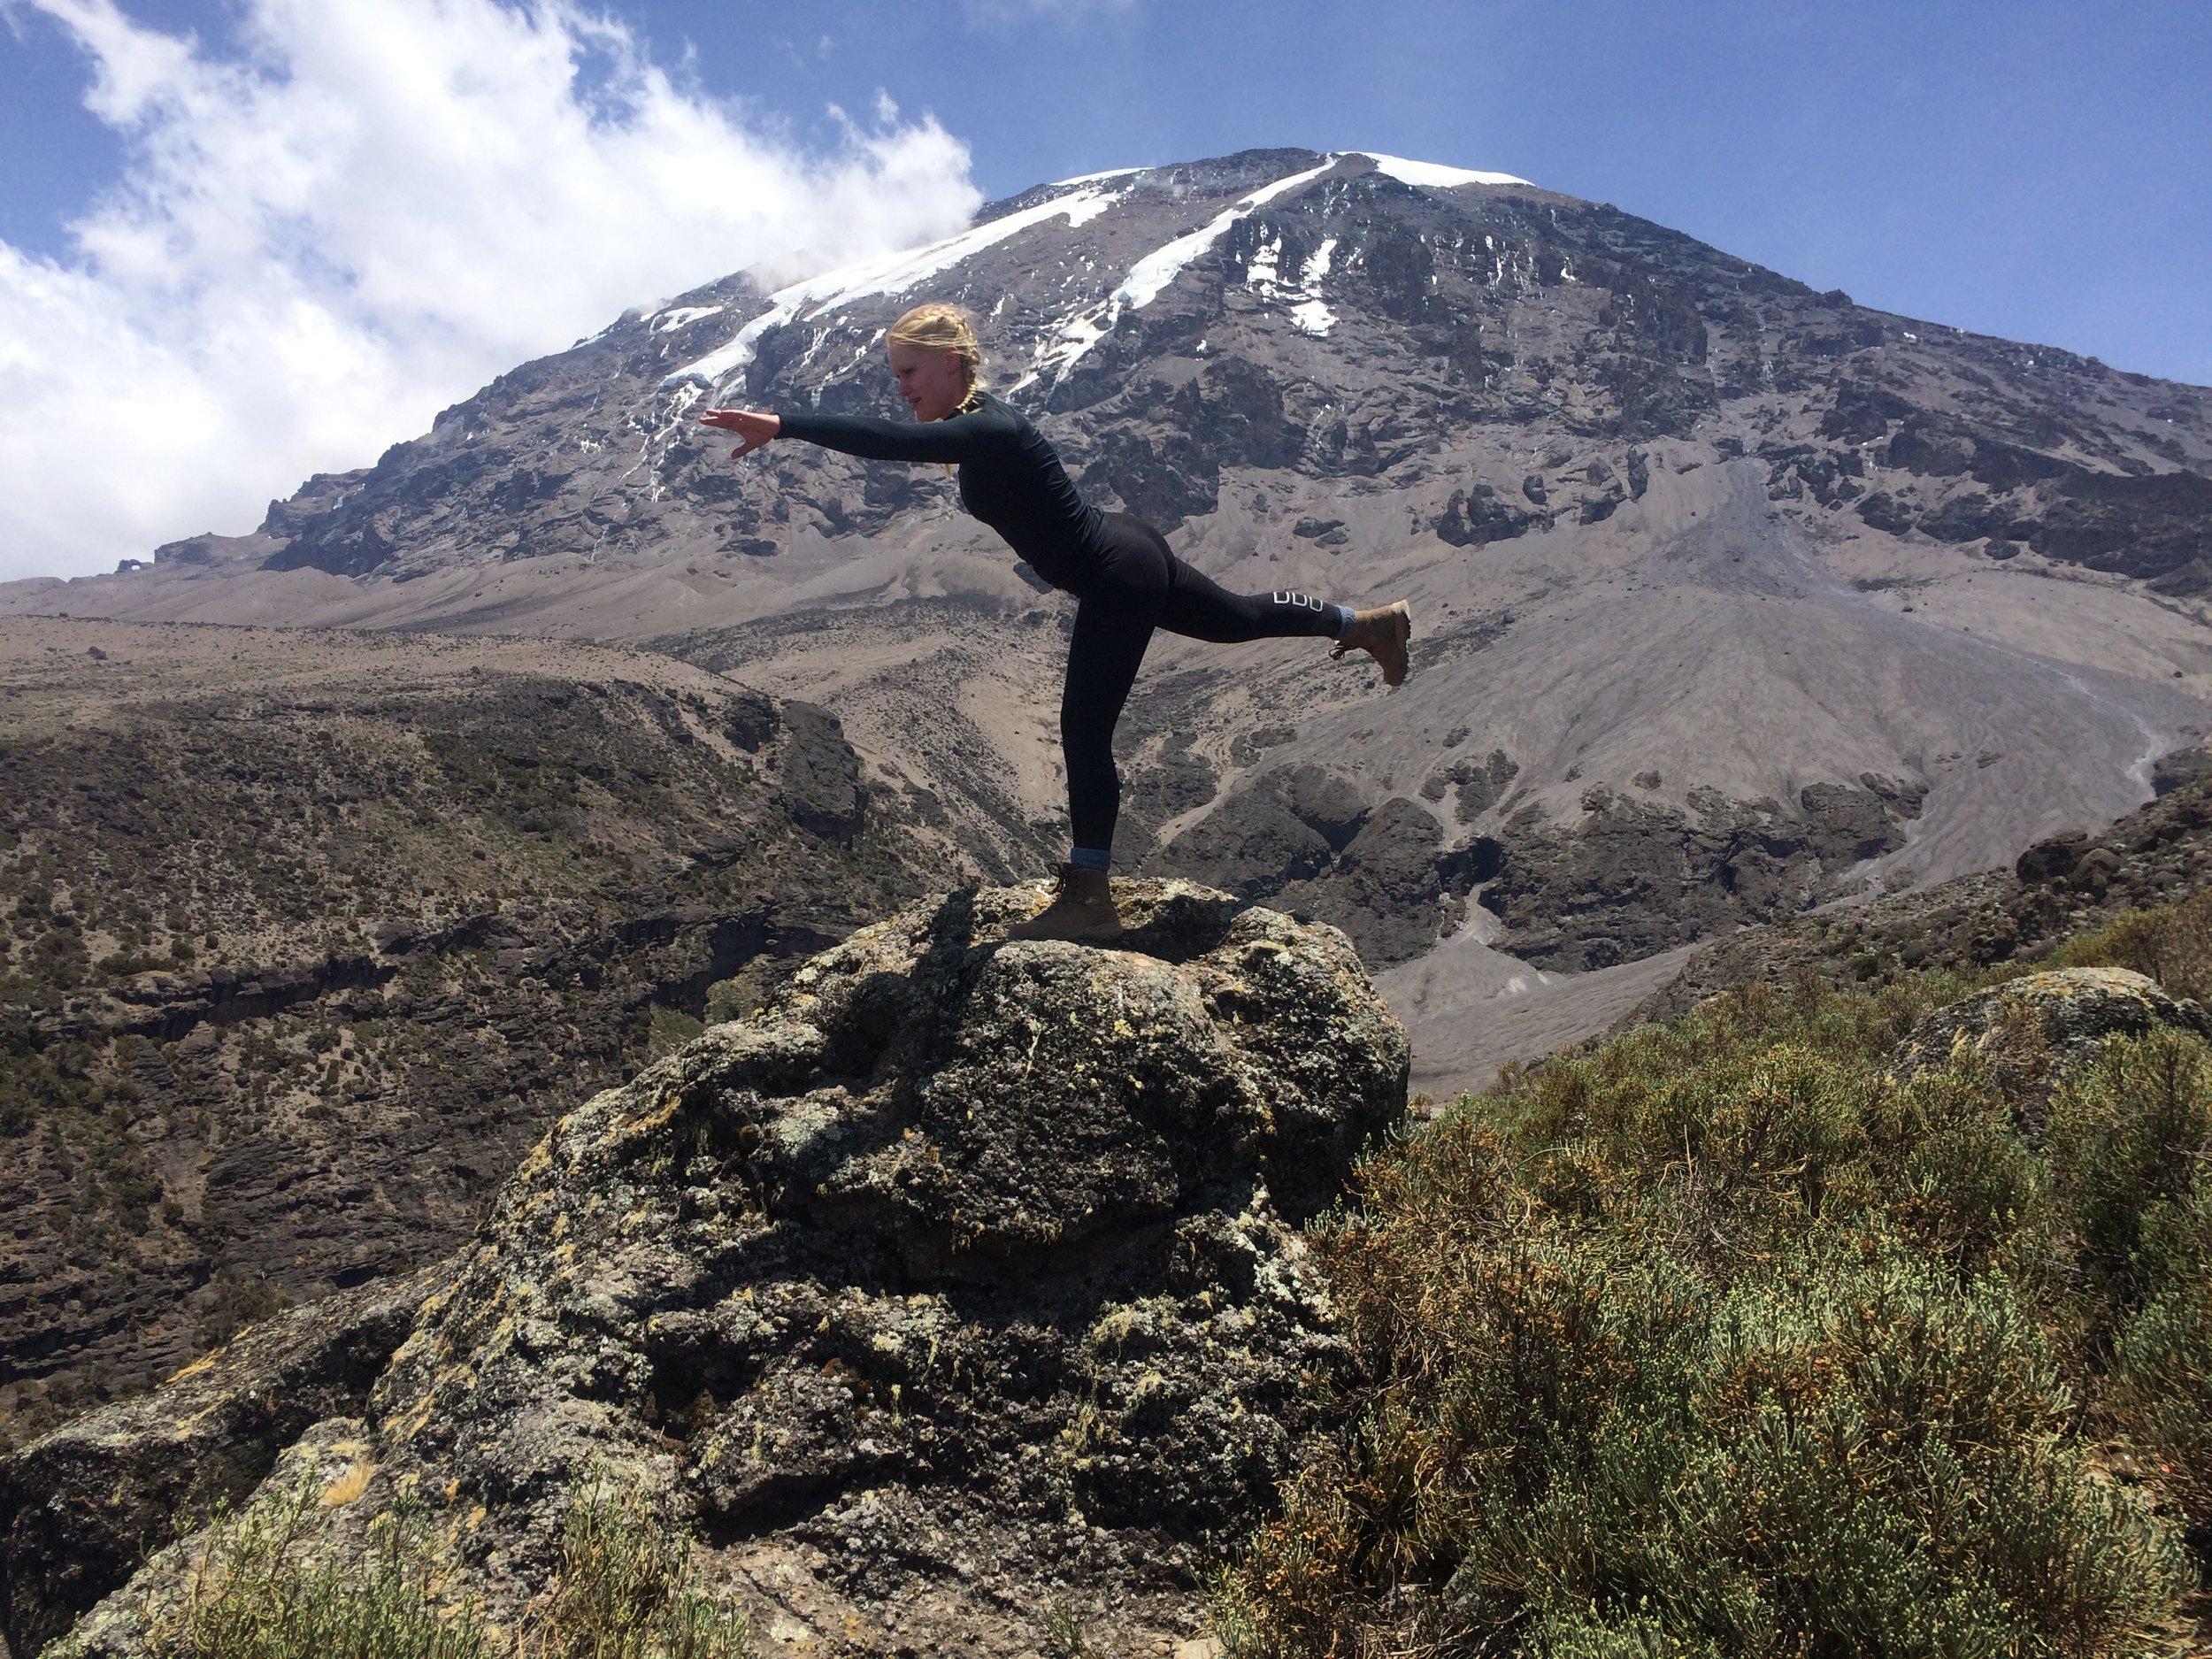 Yoga on Mount Kilimanjaro